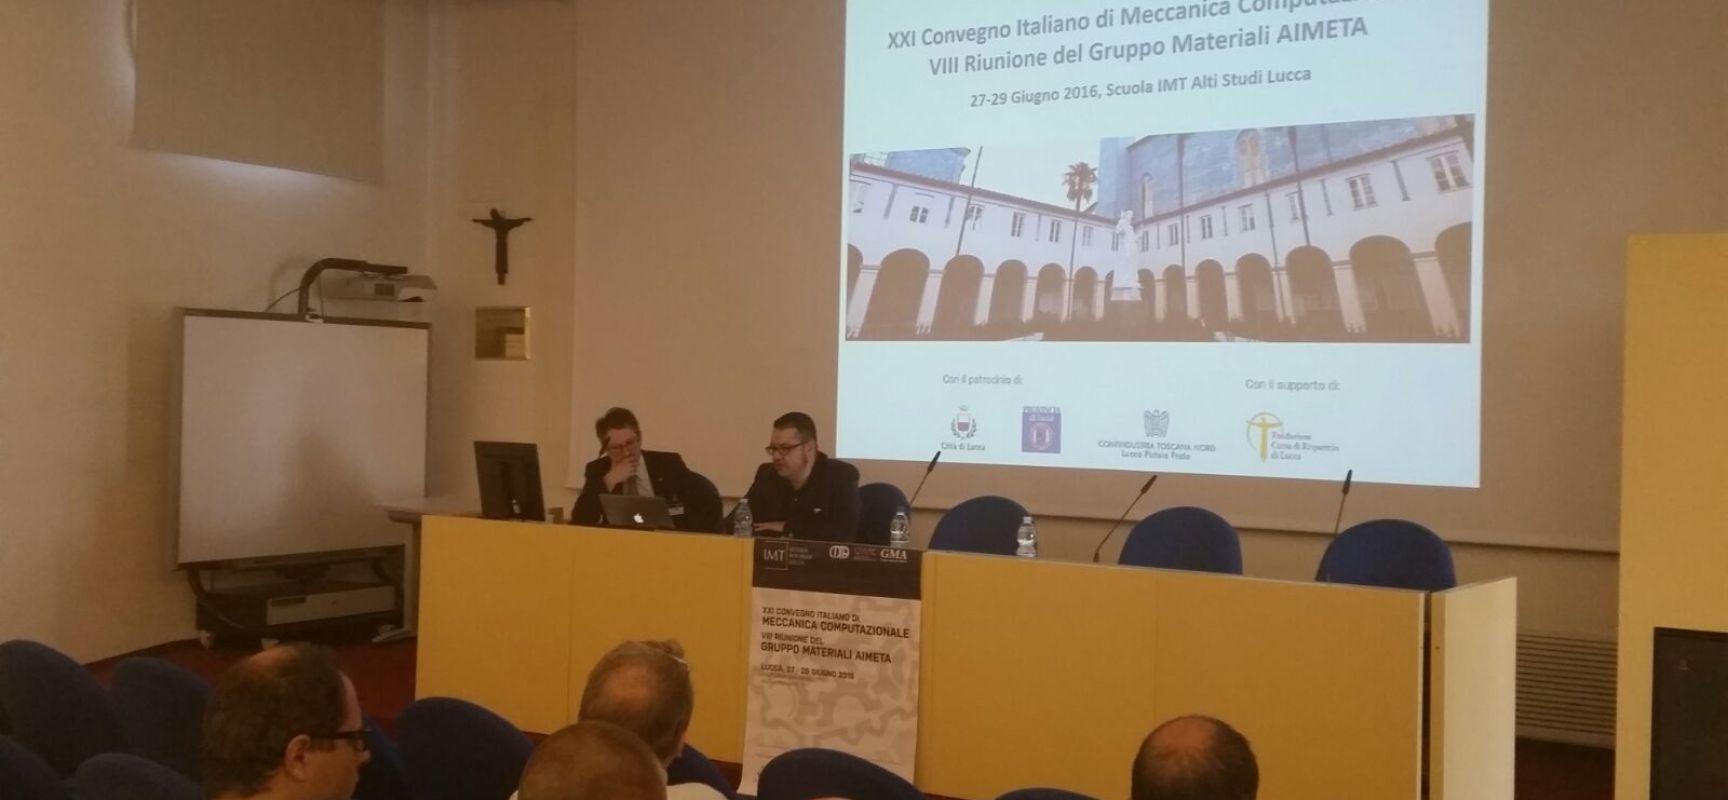 LUCCA – NOVANTA STUDIOSI DA TUTTA ITALIA PER AVVICINARE RICERCA E INDUSTRIA